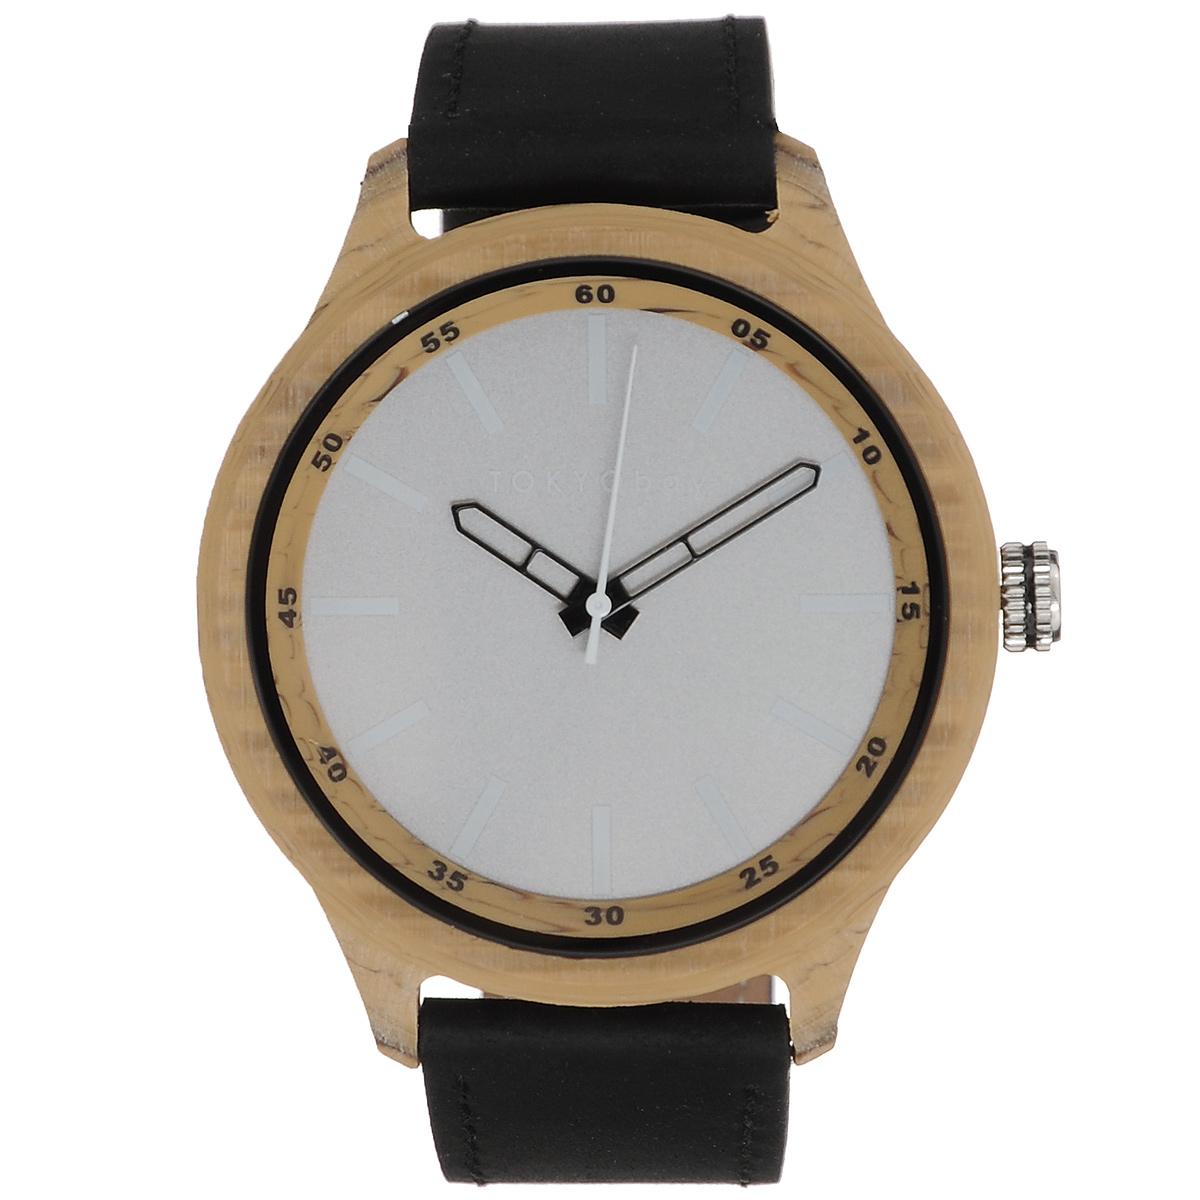 Часы женские наручные Tokyobay Specs, цвет: черный, светло-коричневый. T366-BET366-BEНаручные часы Tokyobay - это стильное дополнение к вашему неповторимому образу. Эти часы созданы для современных женщин, ценящих стиль, качество и практичность. Часы оснащены японским кварцевым механизмом Miyota. Задняя крышка изготовлена из нержавеющей стали. Корпус изготовлен из прочного дерева. Циферблат оформлен тремя рядами цифр, имеются часовая, минутная и секундная стрелки. Ремешок выполнен из кожи, застегивается на классическую застежку-пряжку. Часы Tokyobay - это практичный и модный аксессуар, который подчеркнет ваш безупречный вкус. Характеристики: Корпус: 4,3 х 3,5 х 0,9 см. Размер ремешка: 21 х 2 см. Не содержит никель. Не водостойкие.